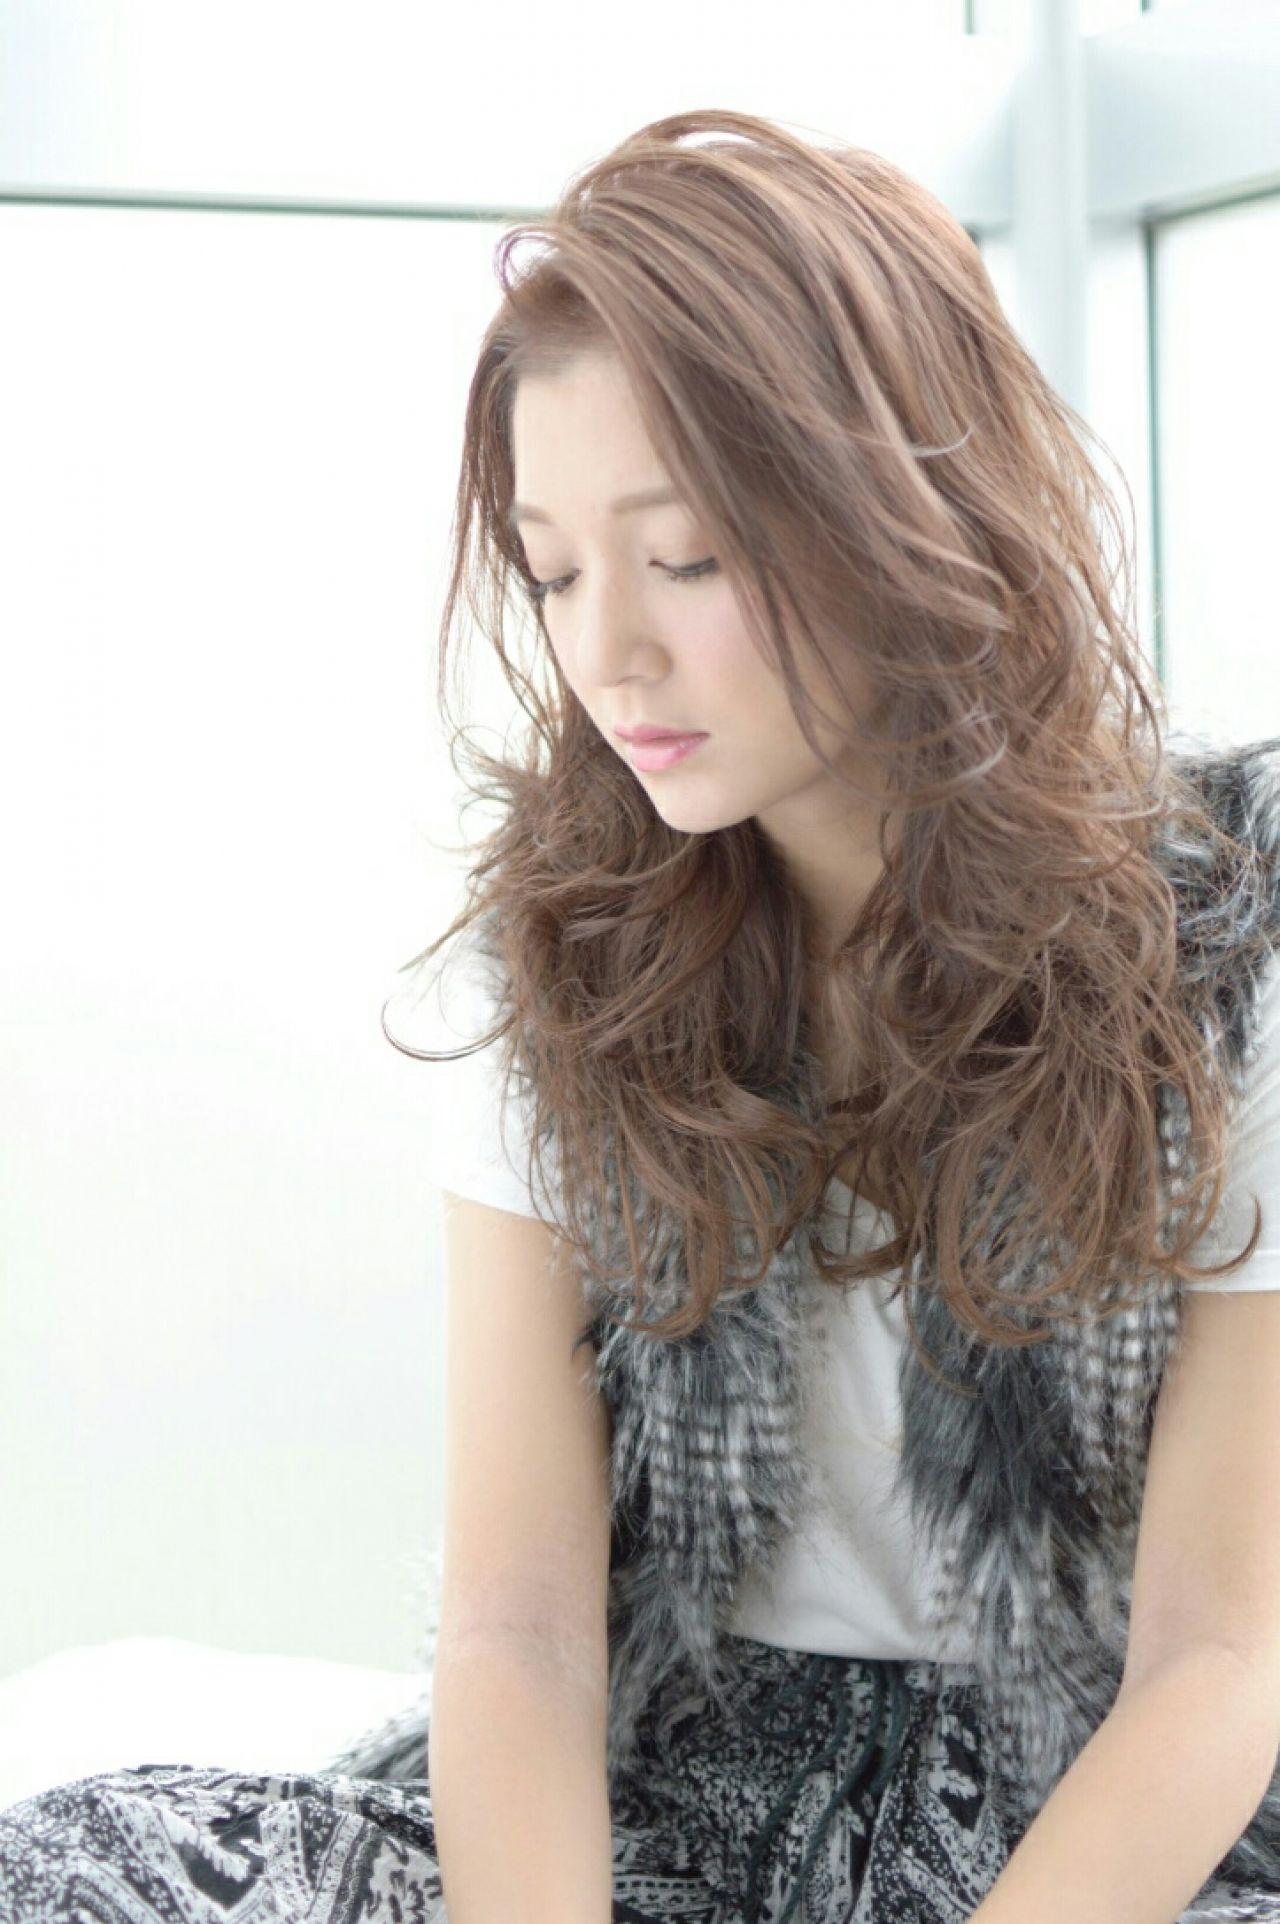 色気がググッと急上昇♡今流行りの「91ヘア」の魅力に迫る。 萩原 翔志也 / vicca